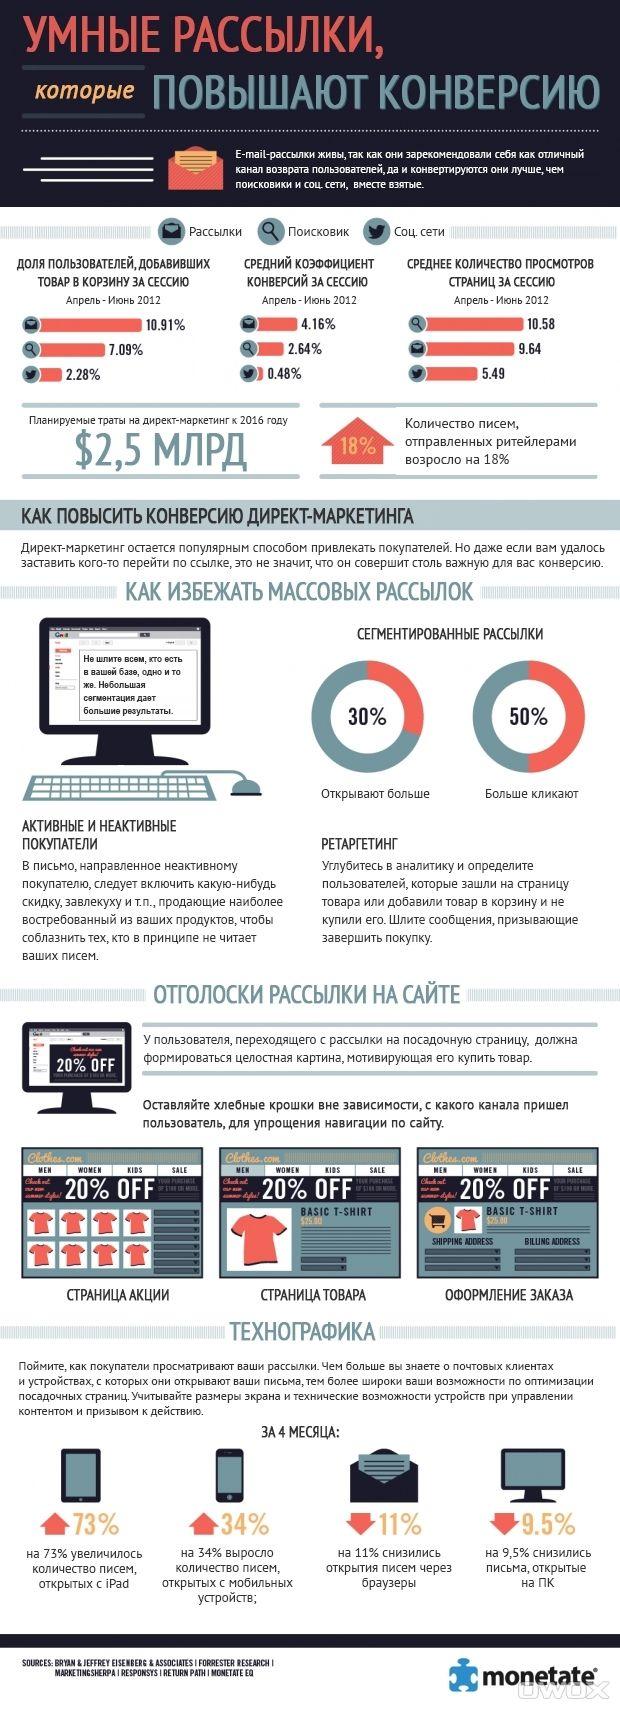 Как повысить конверсию почтовой рассылки (инфографика) - AIN.UA